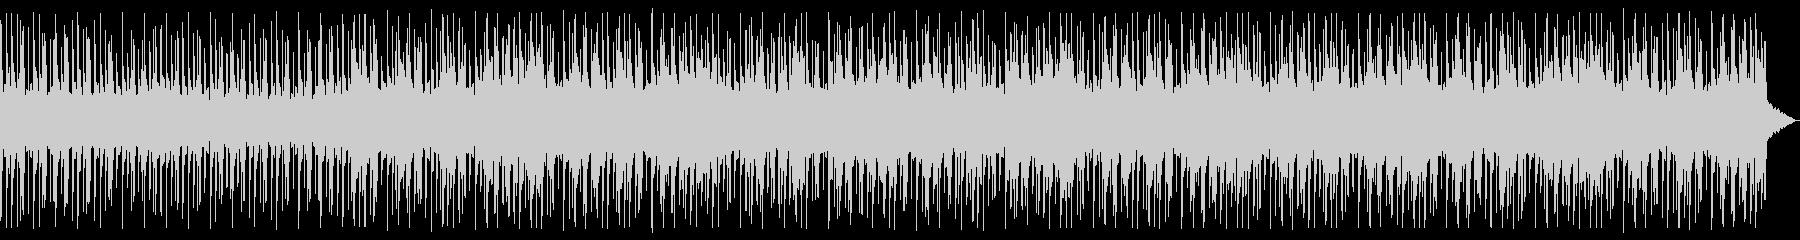 怪しいR&B_No676_1の未再生の波形